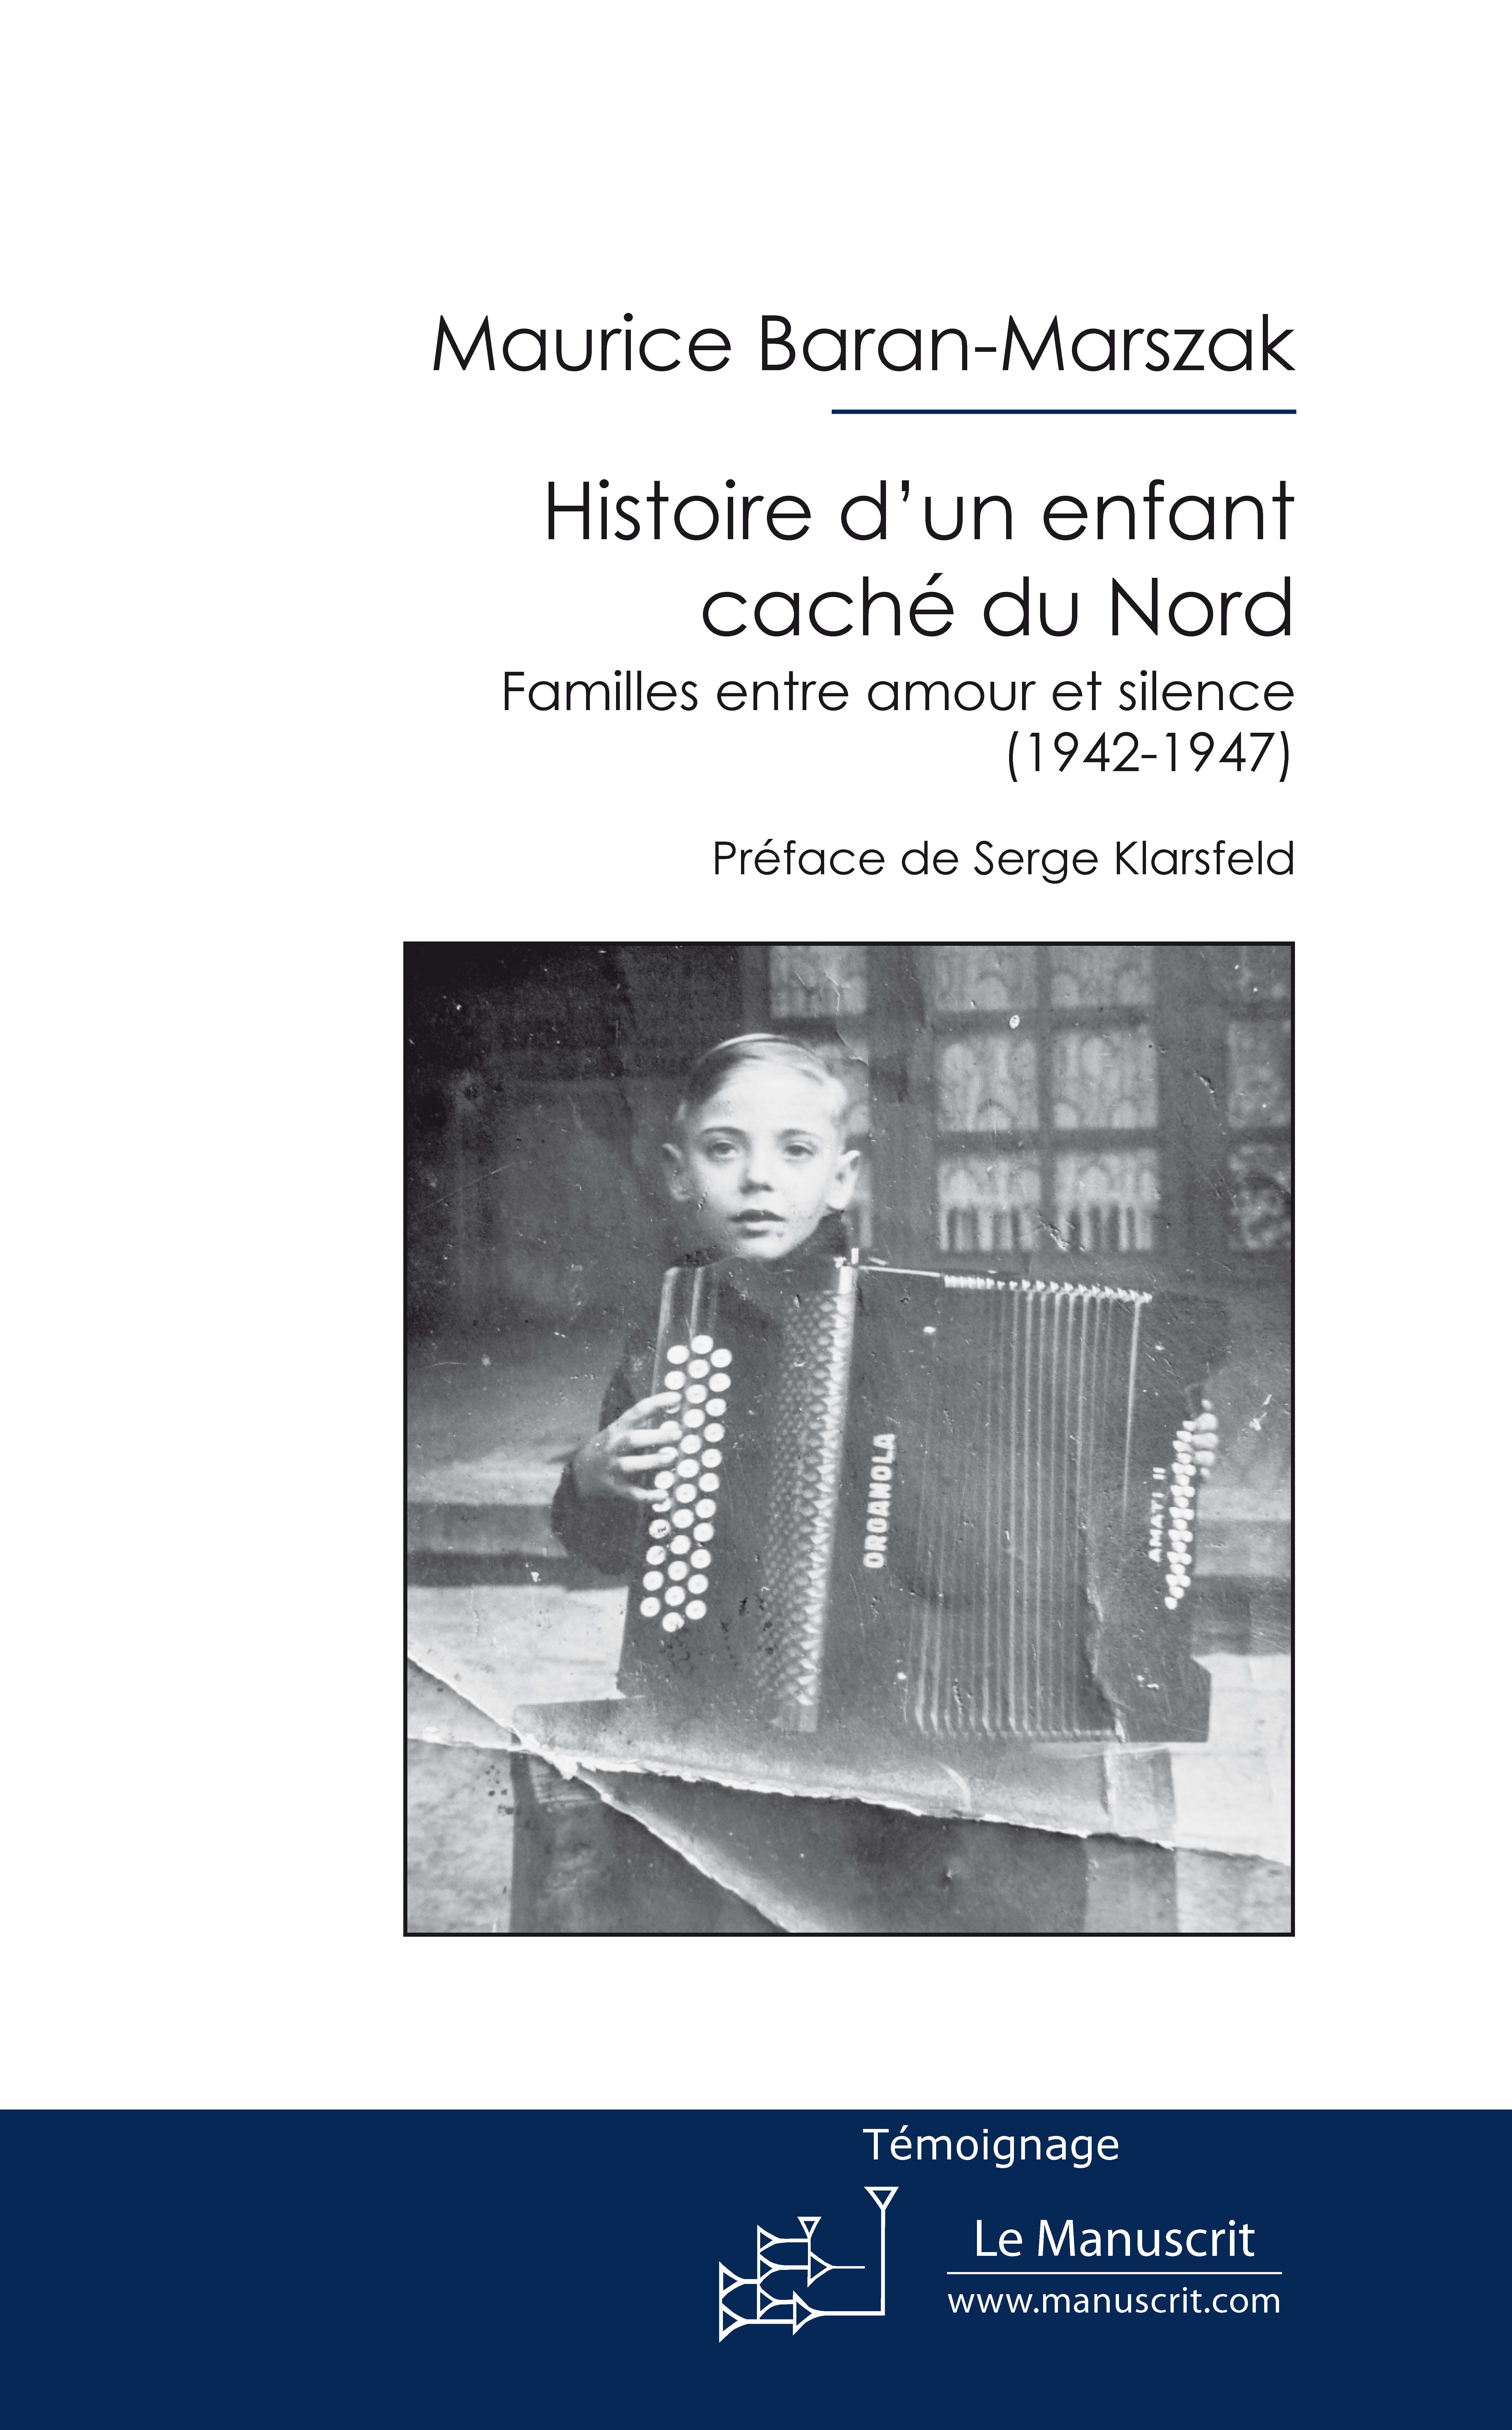 Maurice Baran-Marszak Histoire d'un enfant caché du Nord